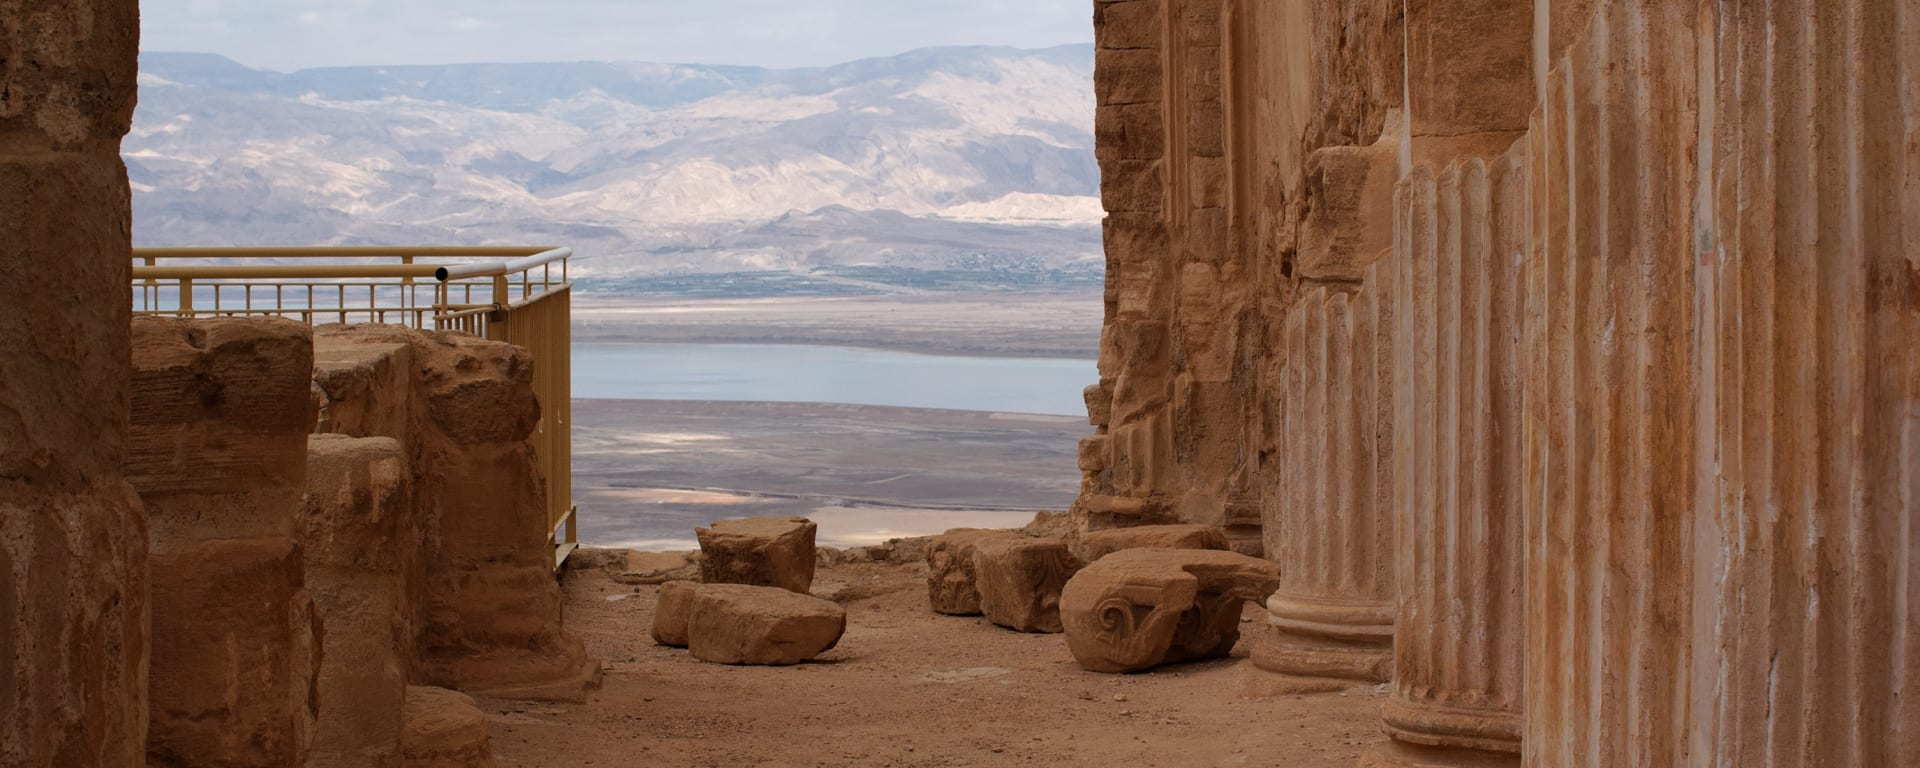 Israel entdecken mit Tischler Reisen: Israel Masada Ruinen Herodes Festung